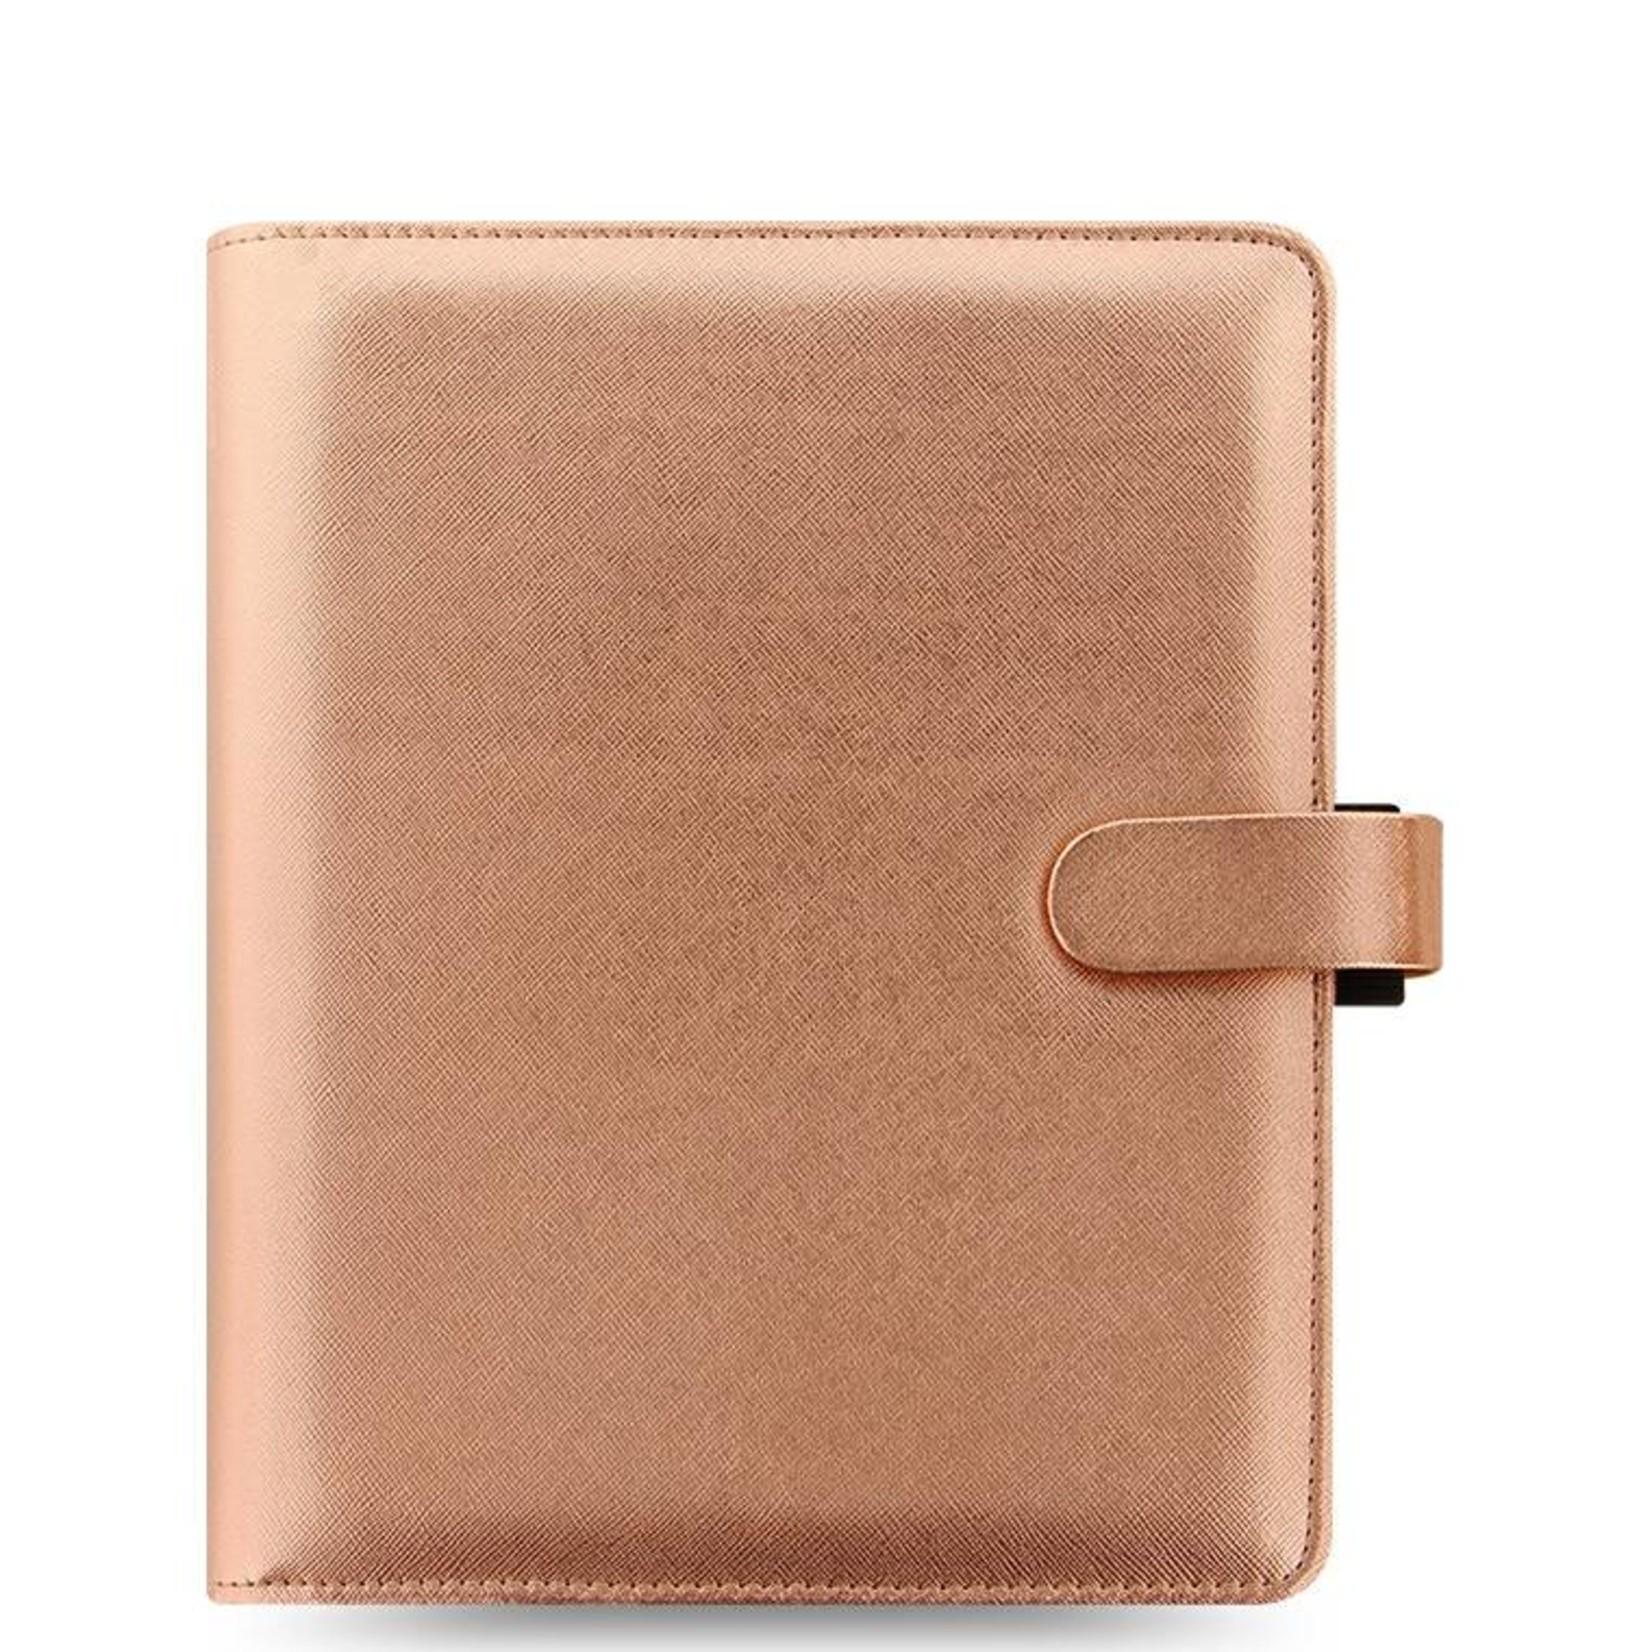 Filofax A5 SAFFIANO Special Edition Rose Gold